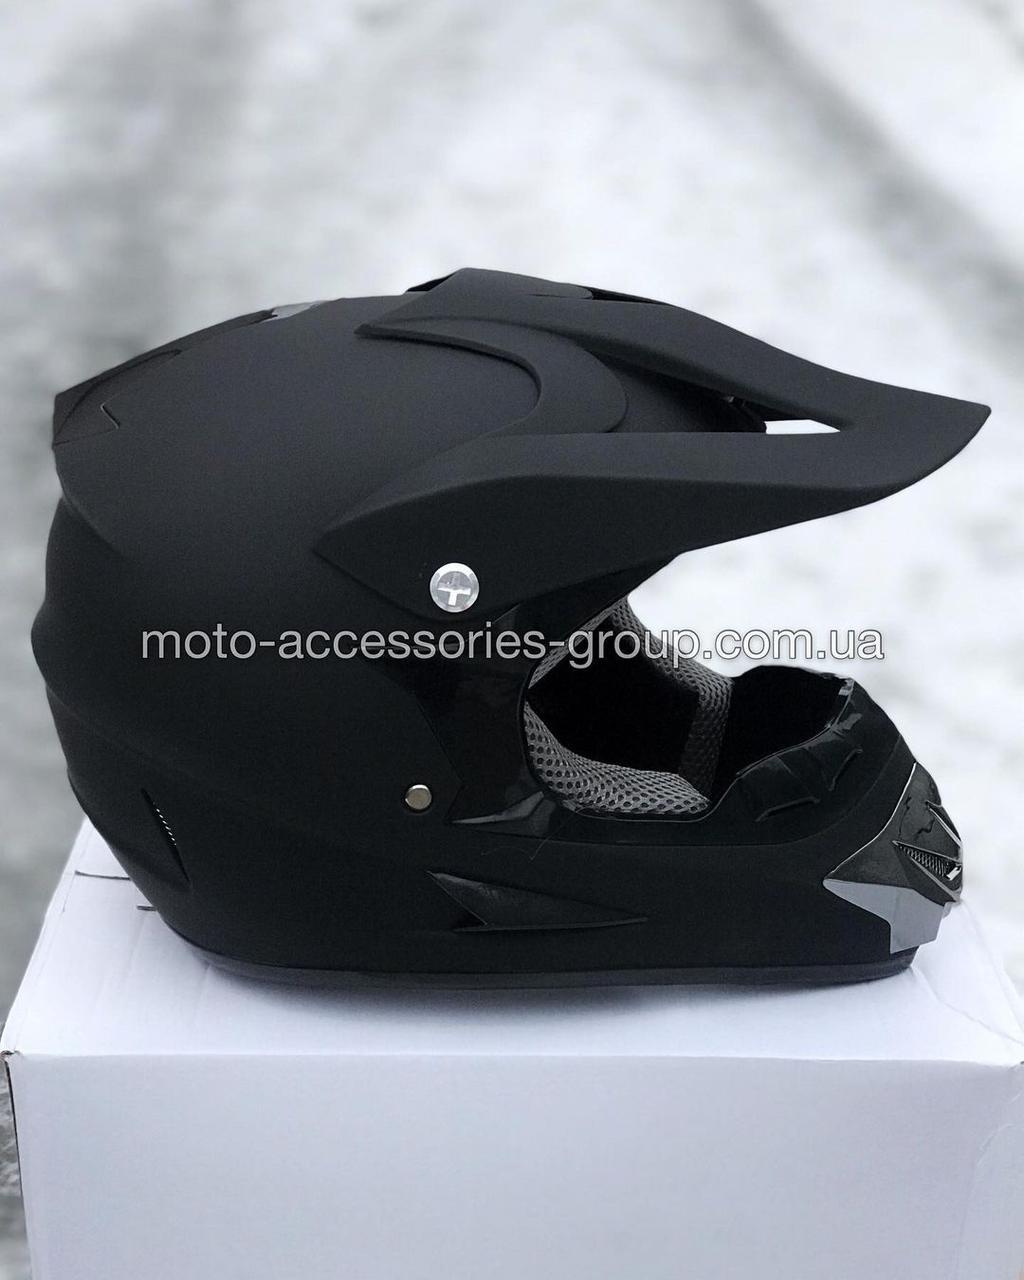 Мото шлем кроссовый  ЧЕРНЫЙ матовый